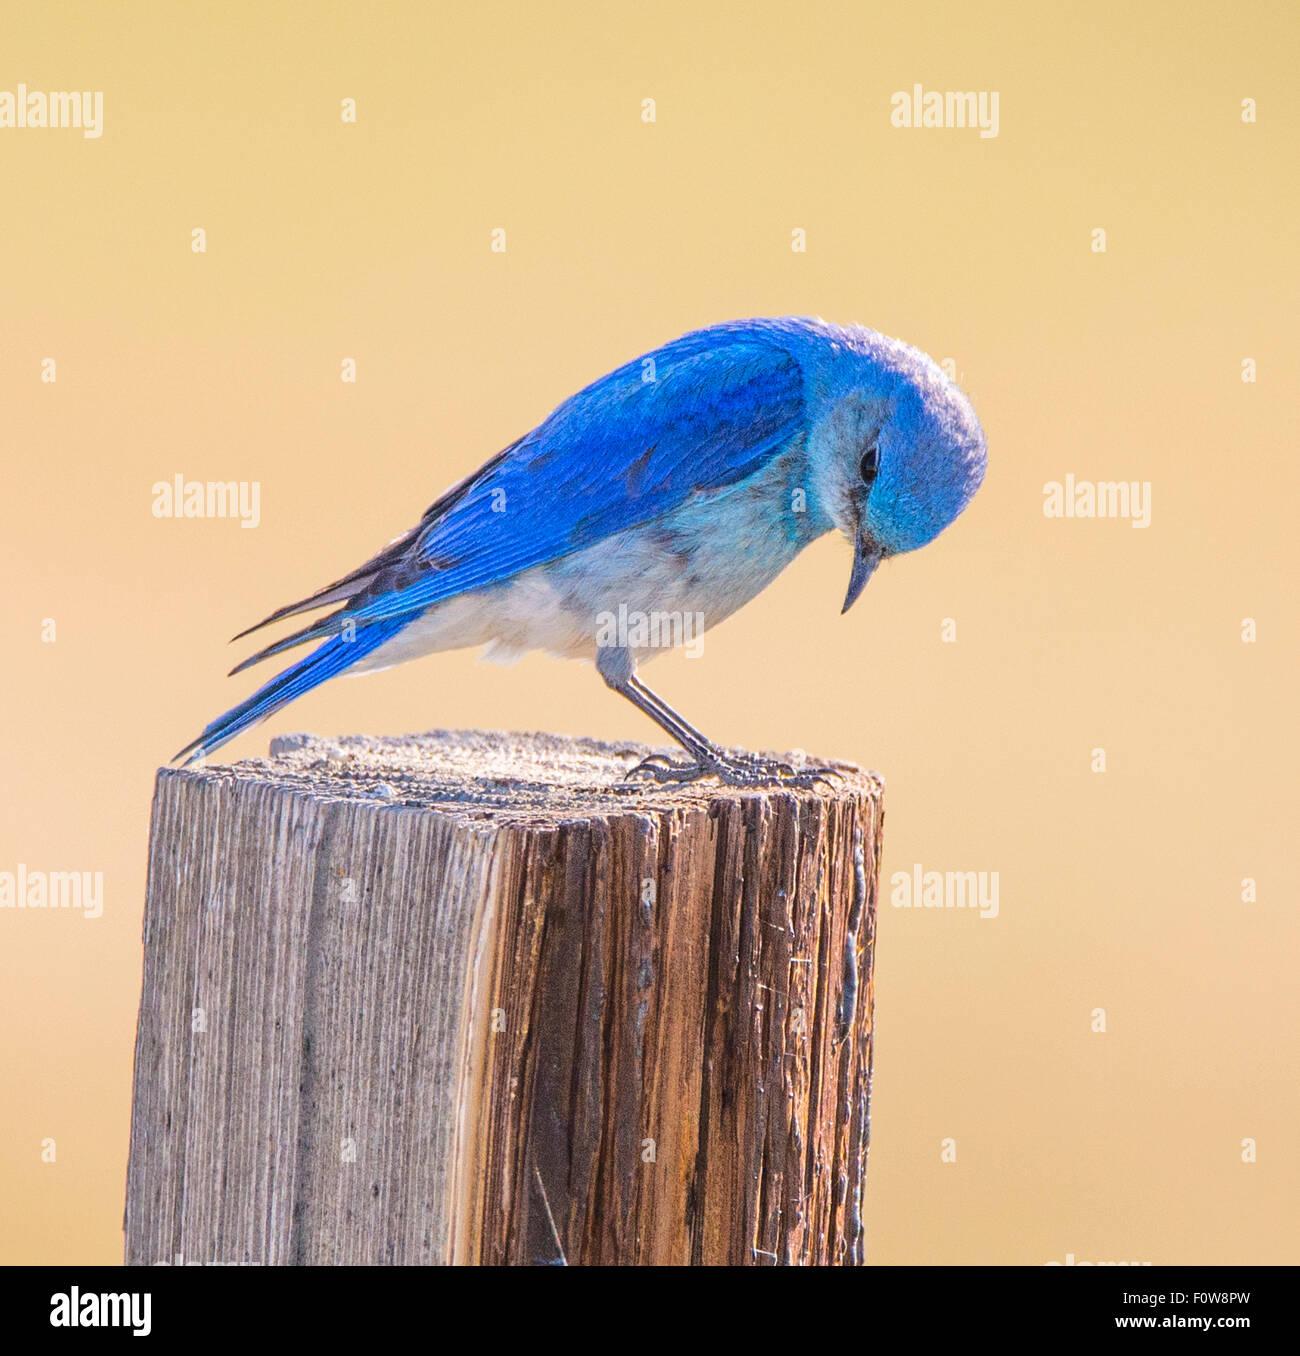 Les oiseaux, la montagne des oiseaux mâles bleu perché sur un piquet de clôture, le Parc National Photo Stock